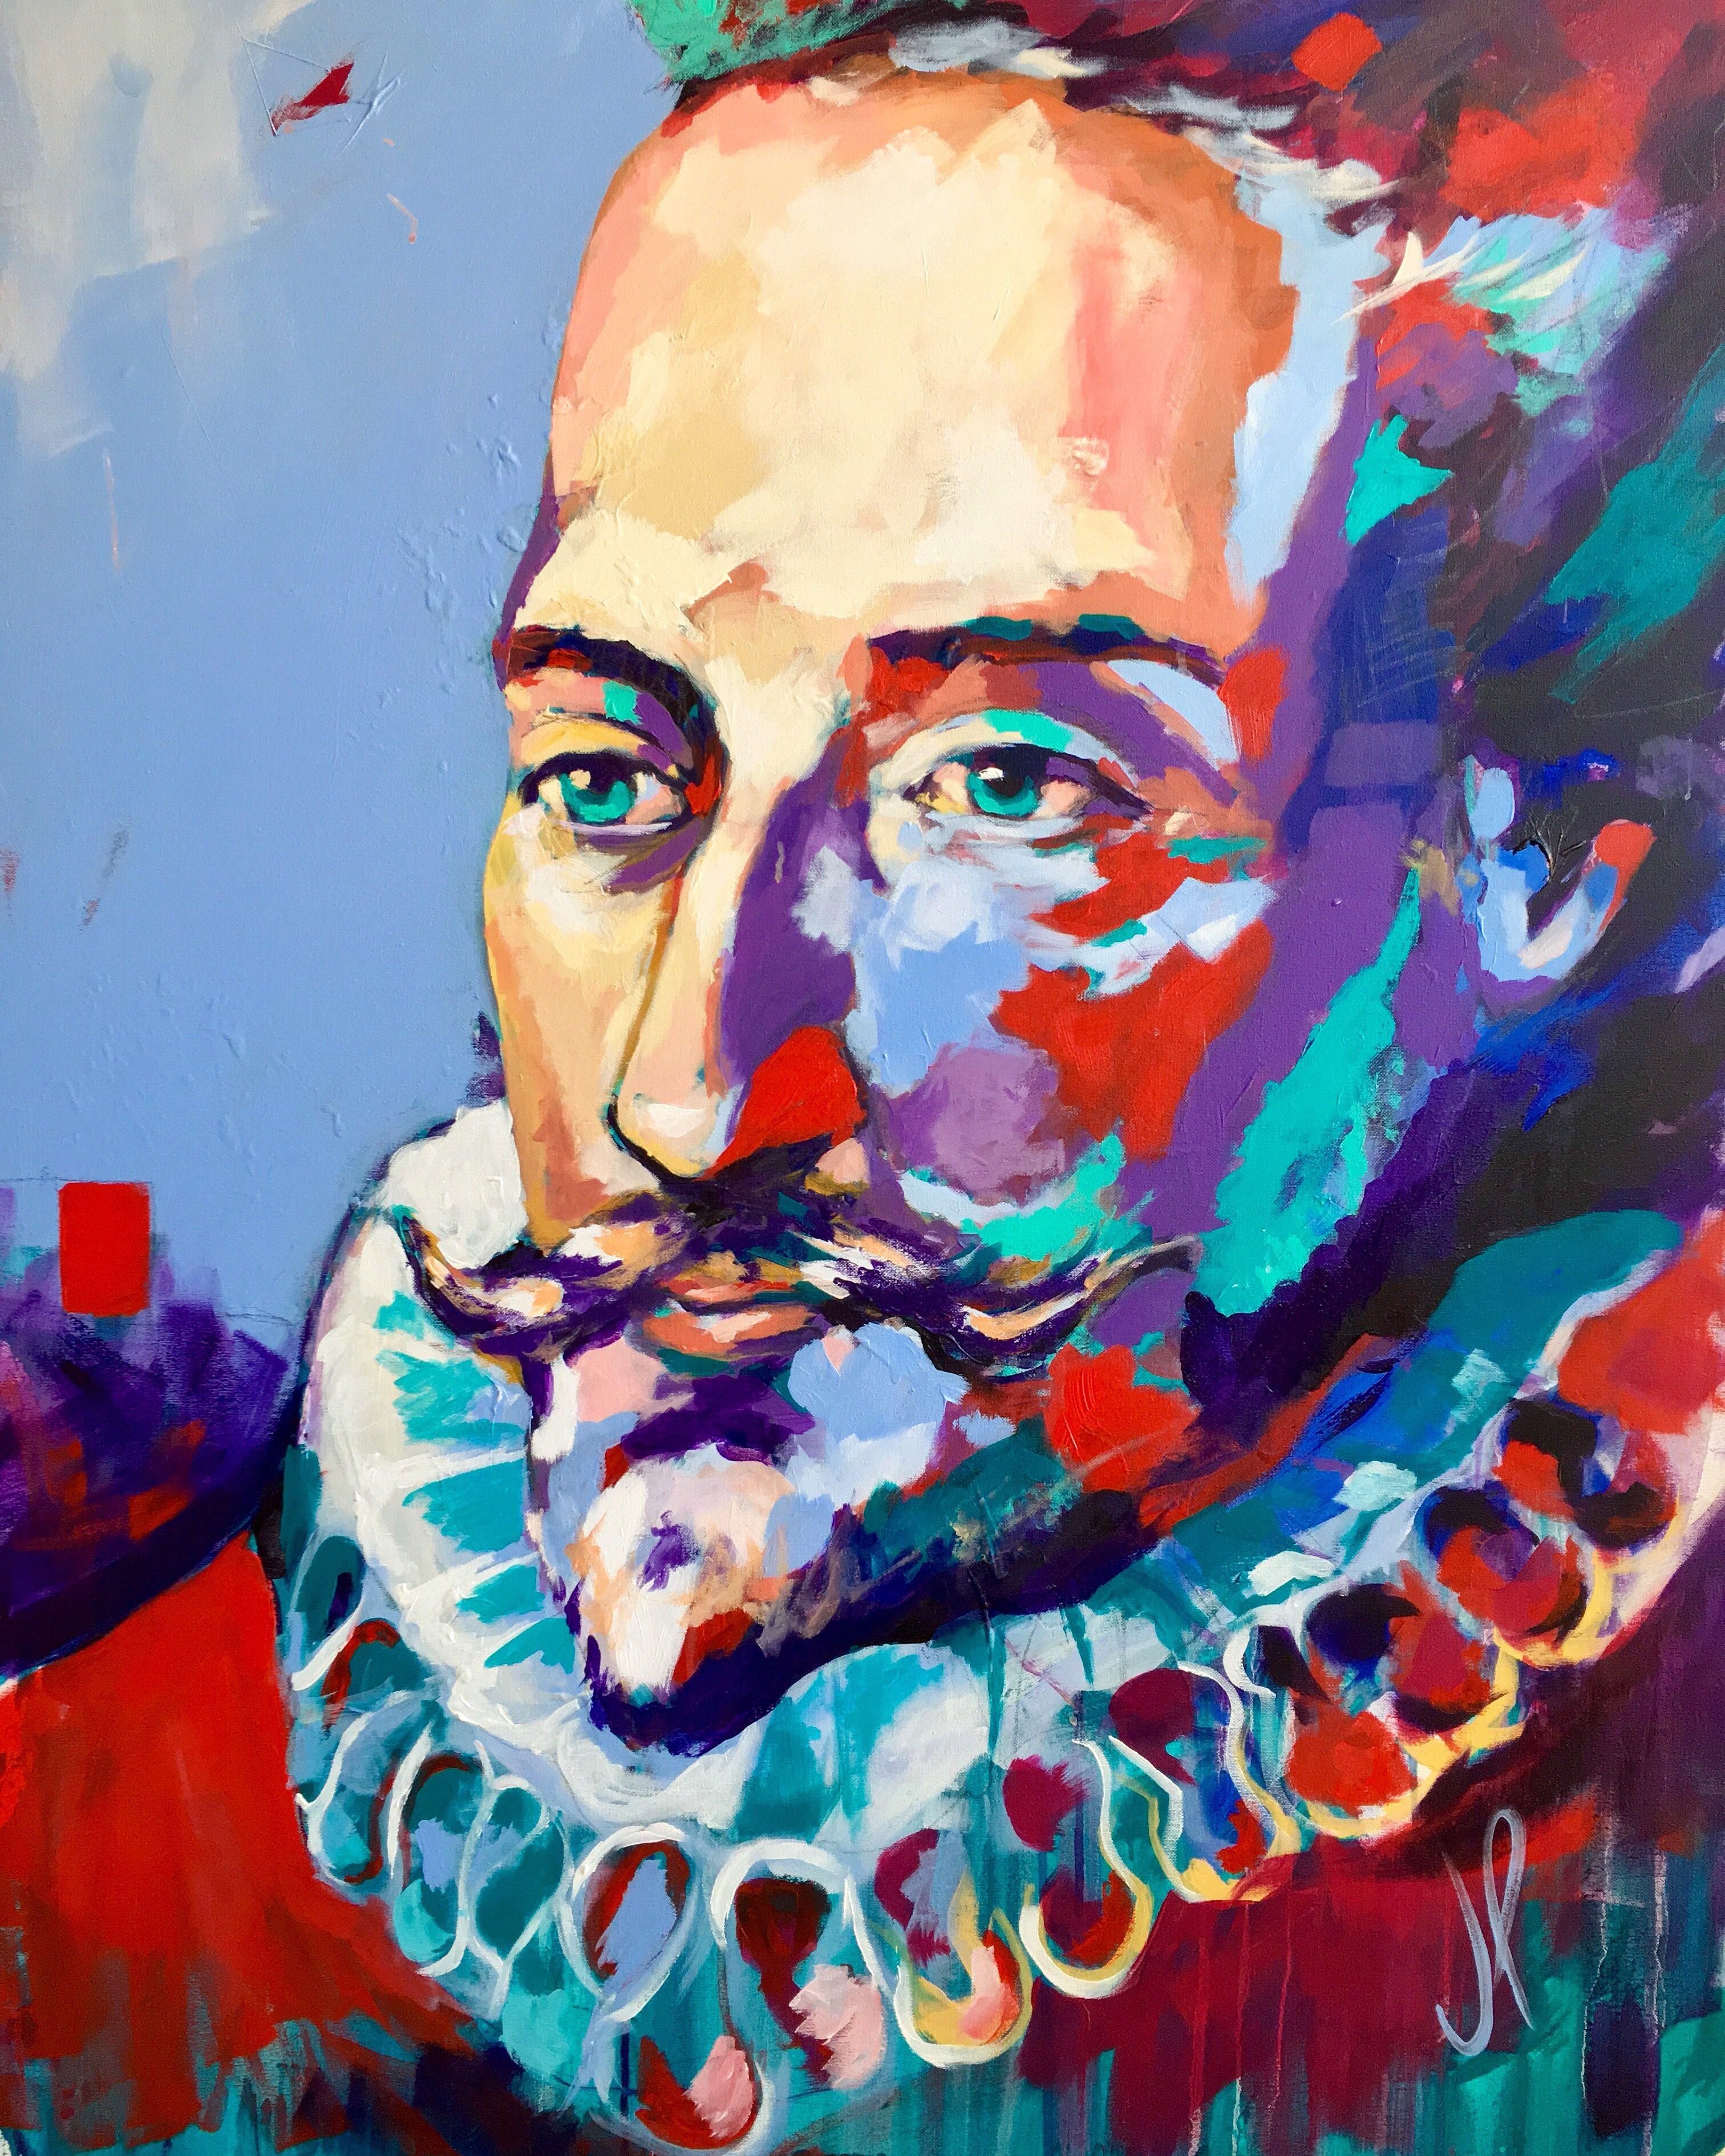 Miguel de Cervantes Saavedra - Acrylic on Canvas 116x89cm by Javier Peña |  Artistas, Miguel de cervantes saavedra, Cervantes saavedra